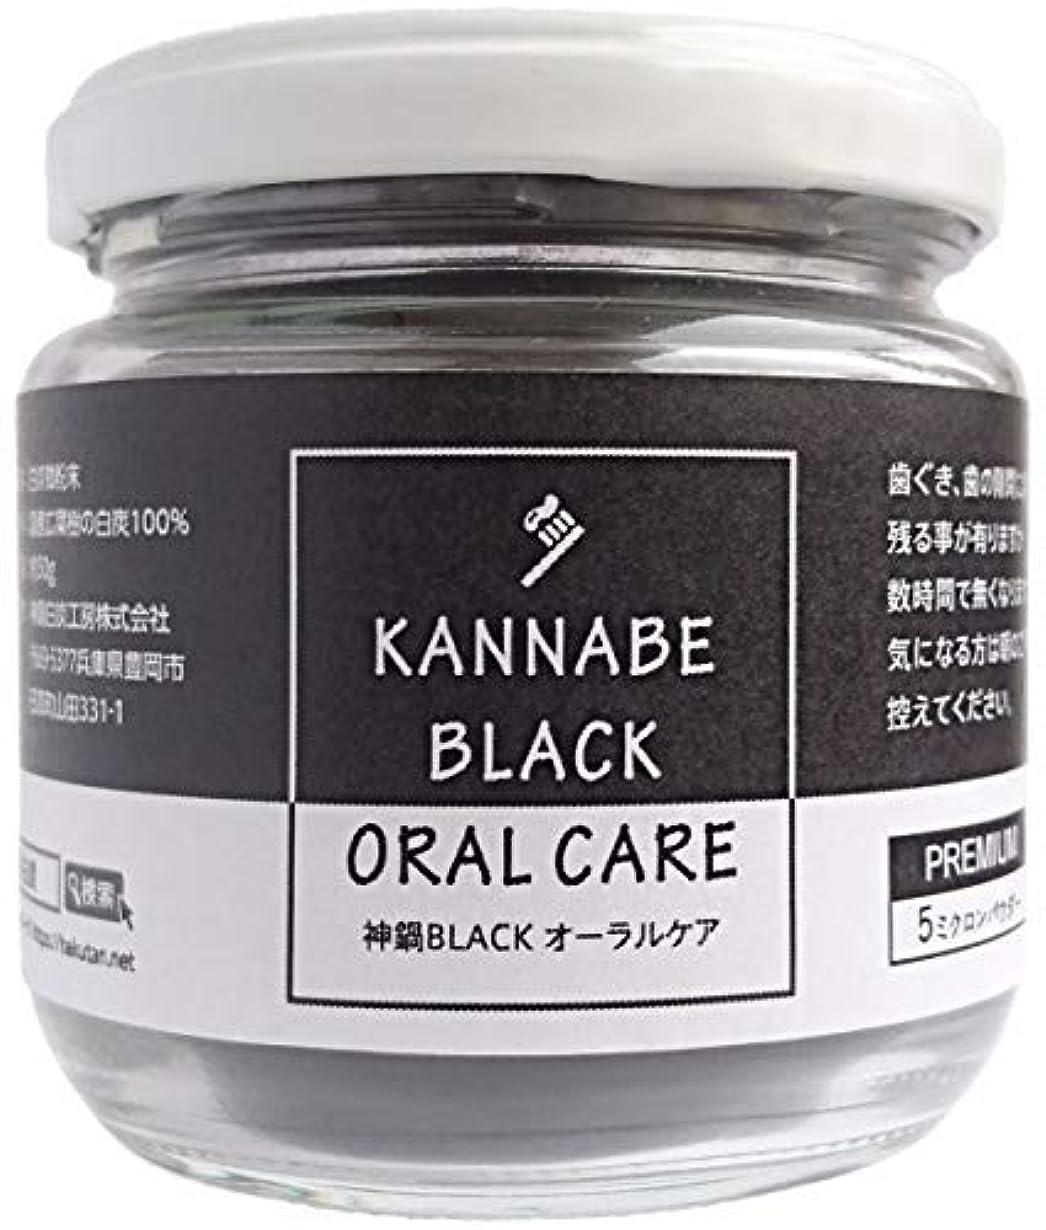 ひねくれたダンプ流用するホワイトニング オーラルケア 歯磨き 口臭 炭パウダー チャコール 5ミクロン 神鍋BLACK 独自白炭製法 50g